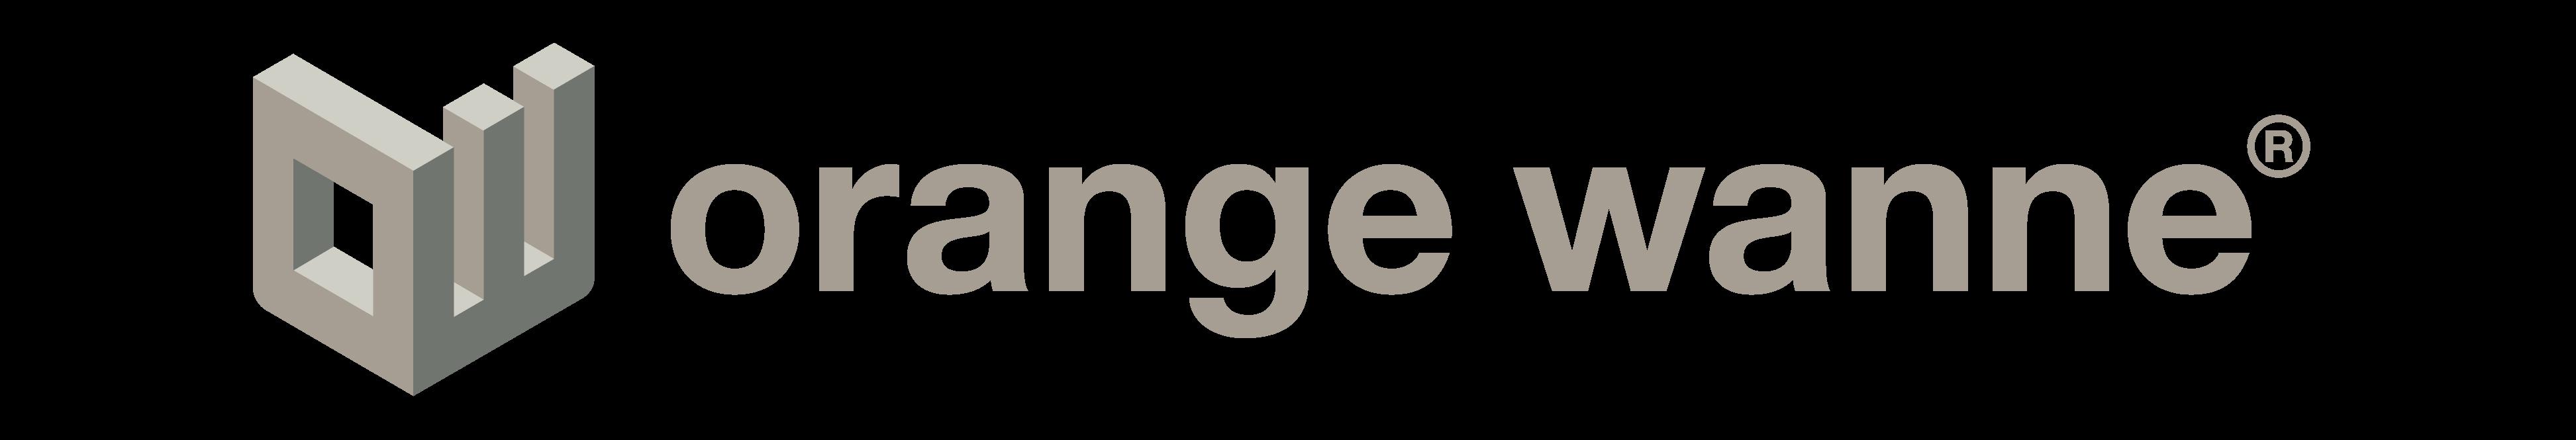 Orange Wanne